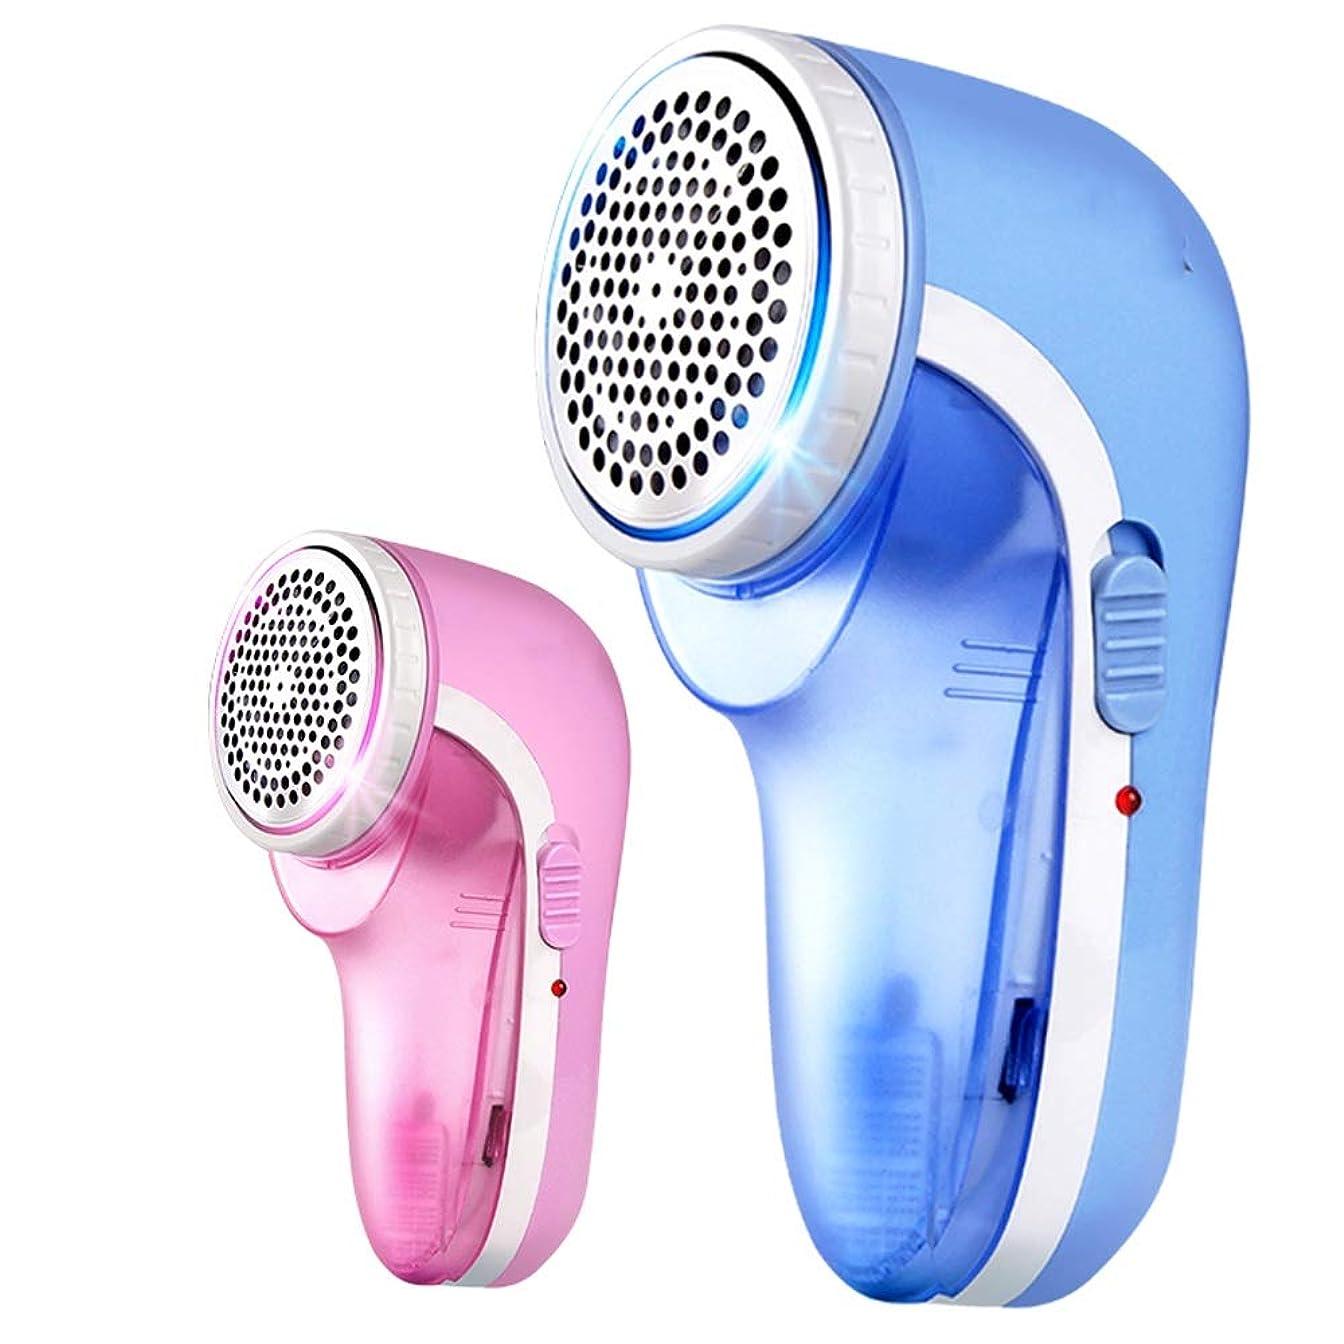 狂人膜スペクトラムXF 脱毛器 ファブリックシェーバー - リントリムーバー衣類シェーバー携帯用リチャージブルボブファブリックシェーバー シェーバー?カッター (色 : 青, サイズ さいず : 4 blade)